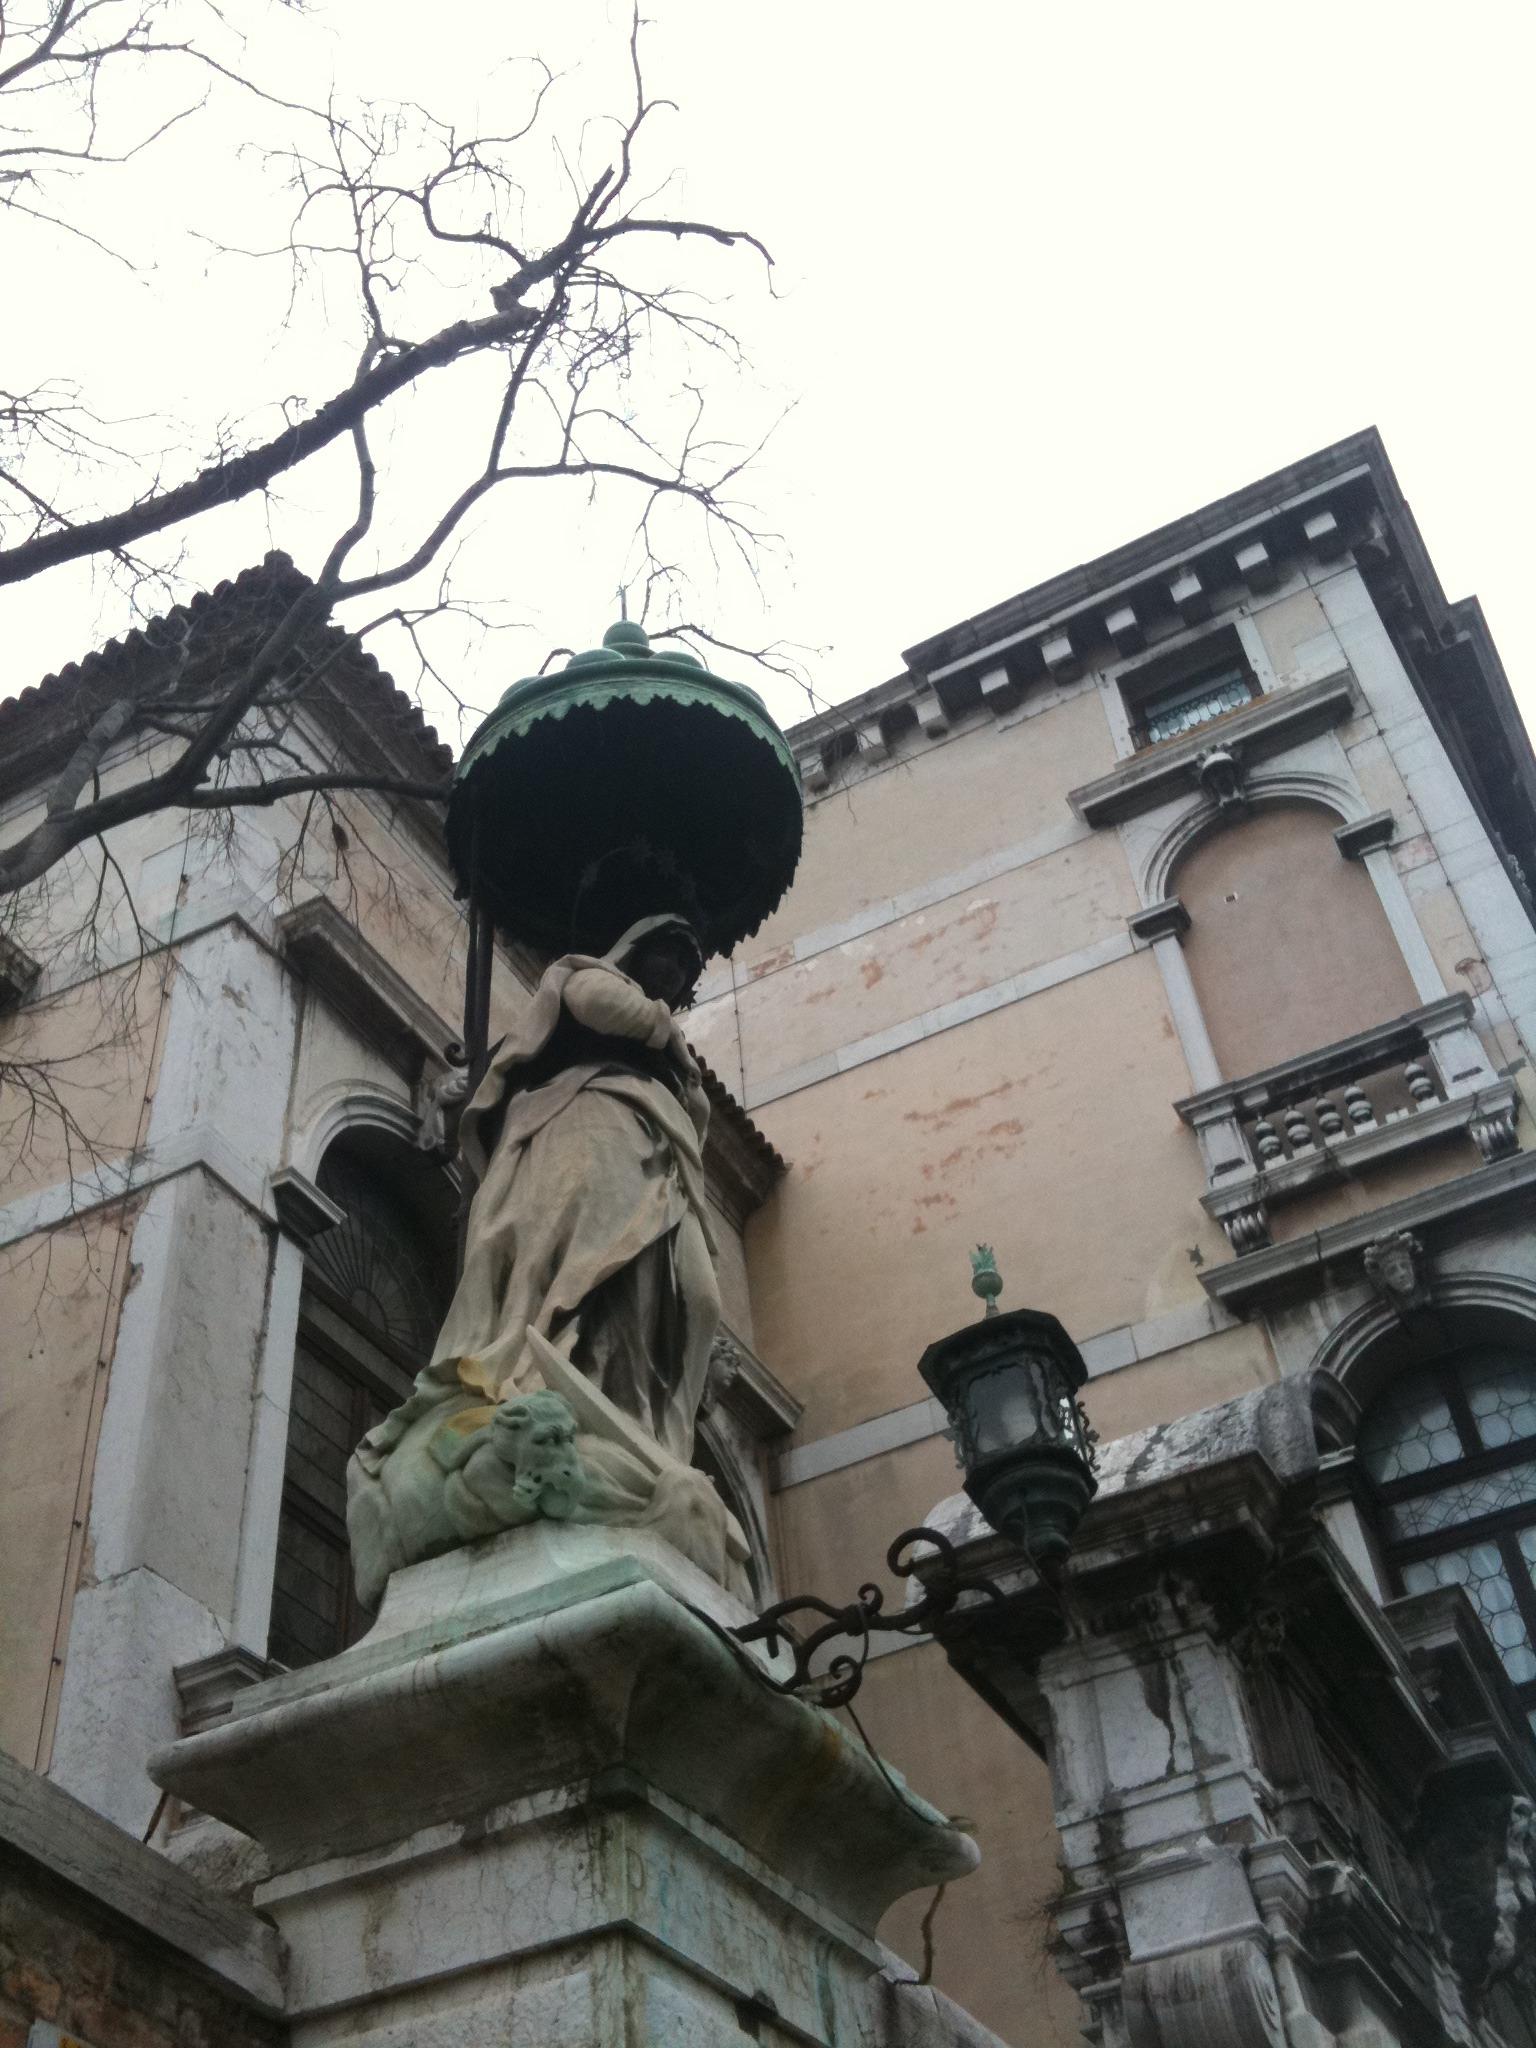 Venice - Mobile Photos - Days 2 & 3